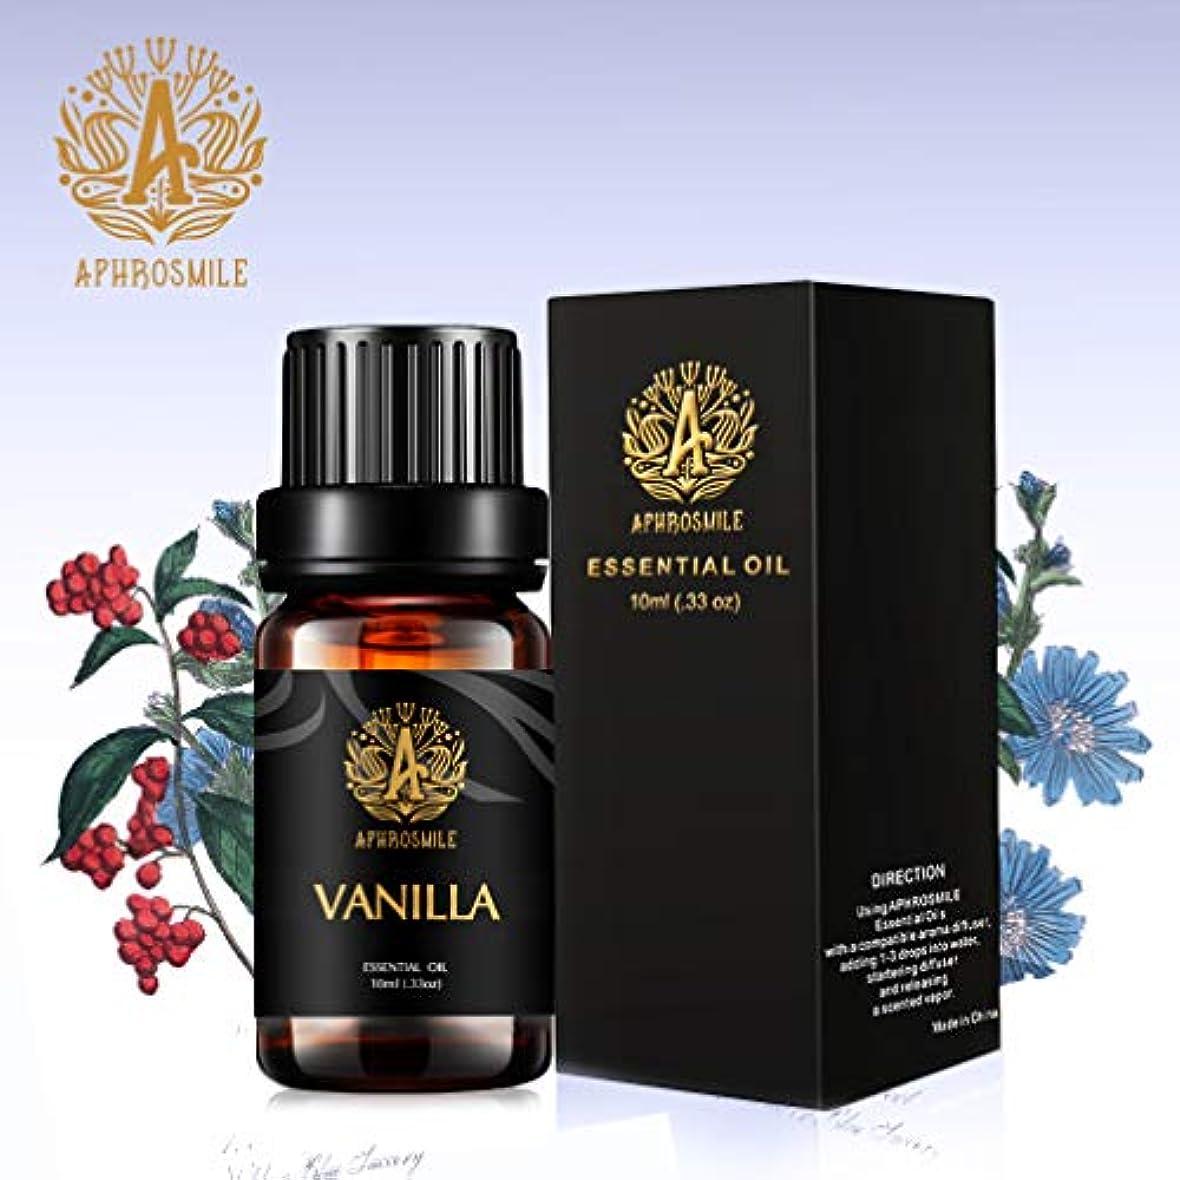 ディフューザー用アロマセラピーバニラオイル、加湿器用の100%ピュアバニラアロマセラピーエッセンシャルオイルの香り、治療グレードバニラフレグランスエッセンシャルオイル0.33oz-10ml